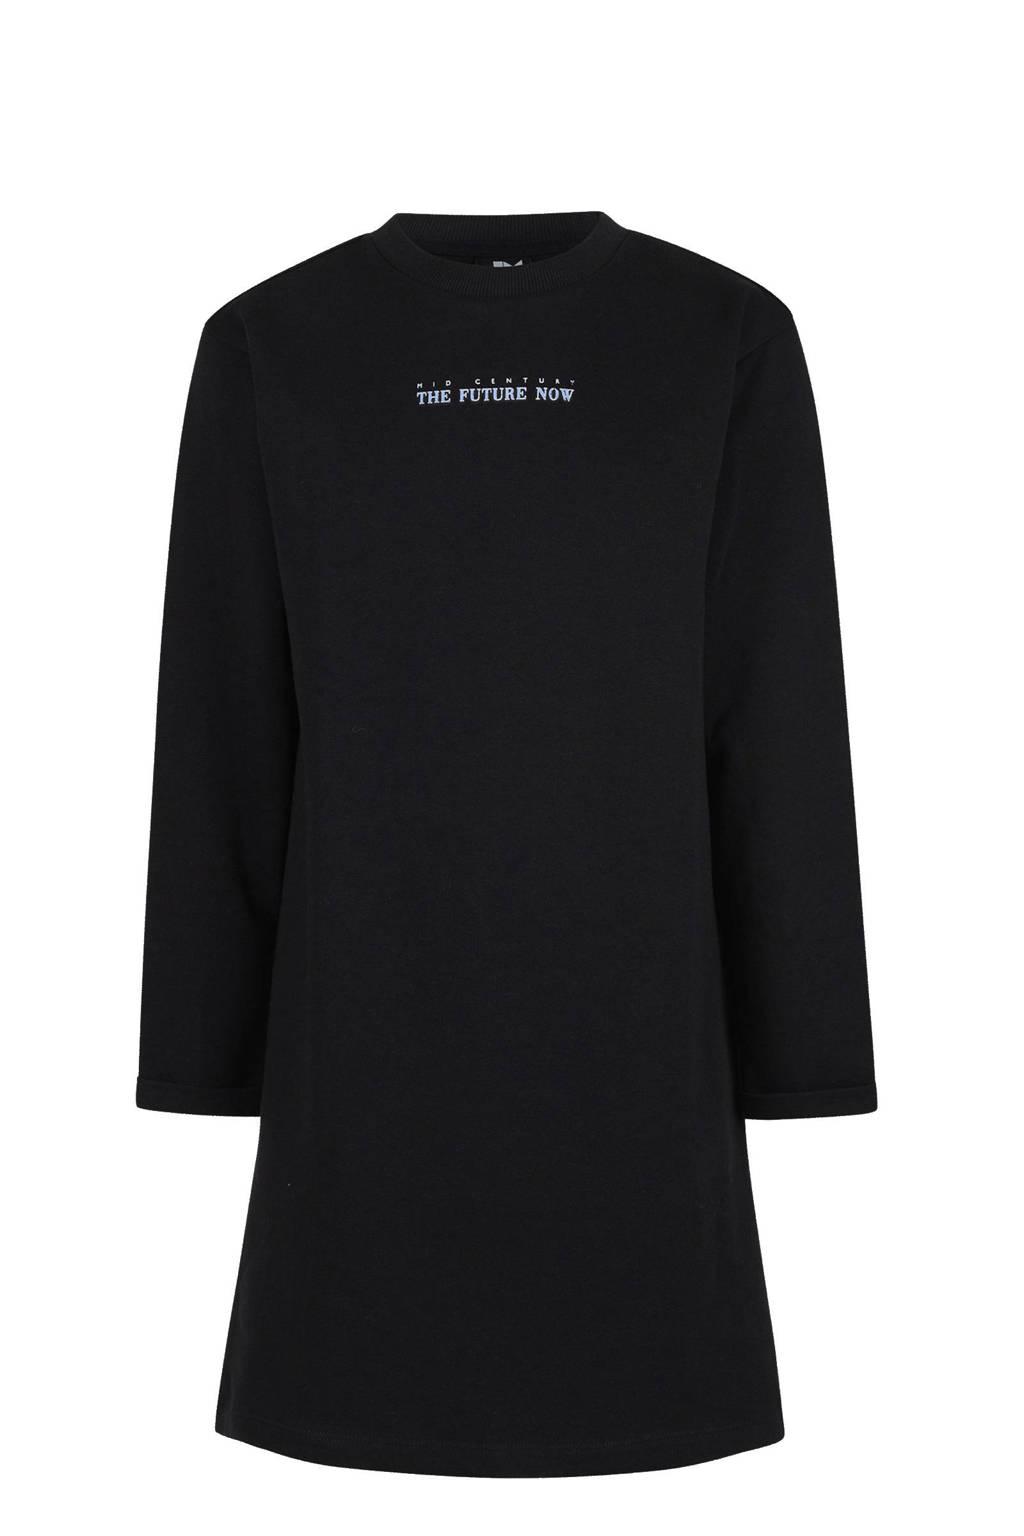 Shoeby Jill & Mitch jurk Becca zwart, Zwart